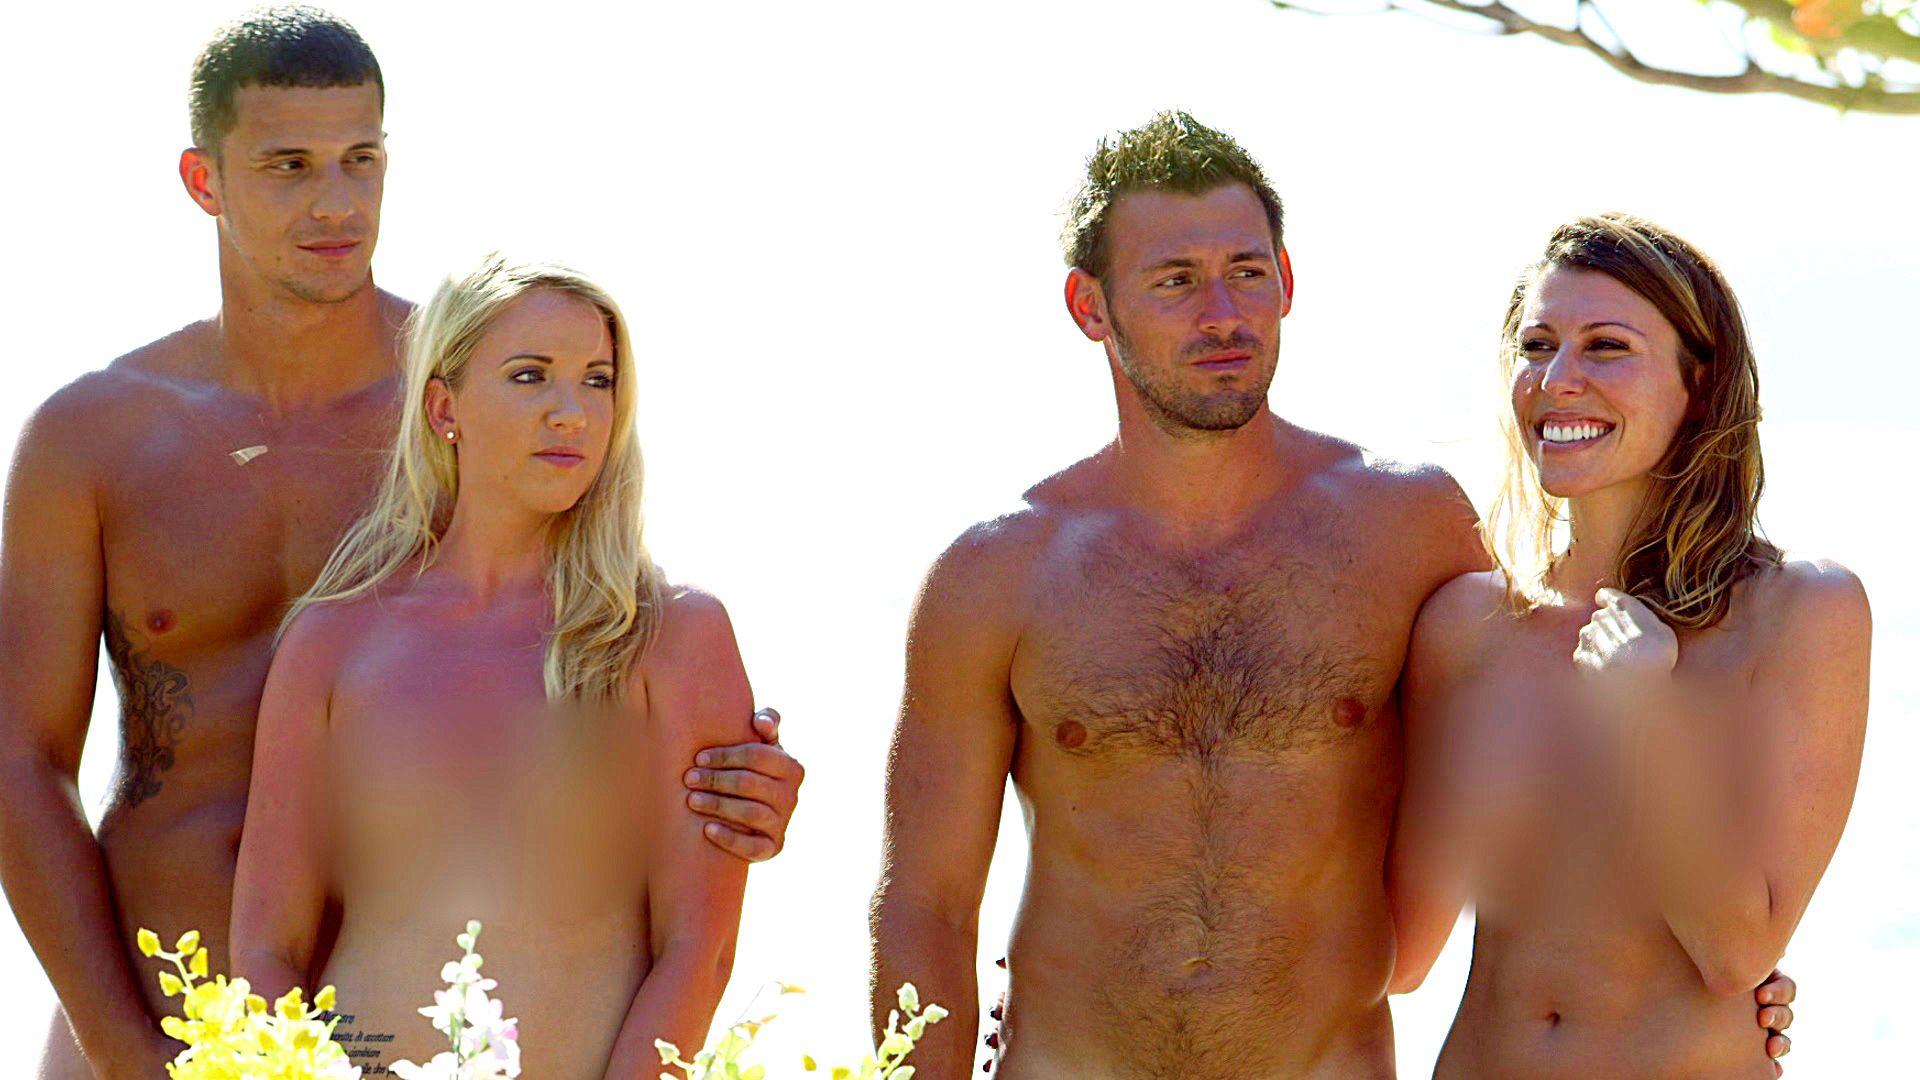 vh1 dating naked episodes